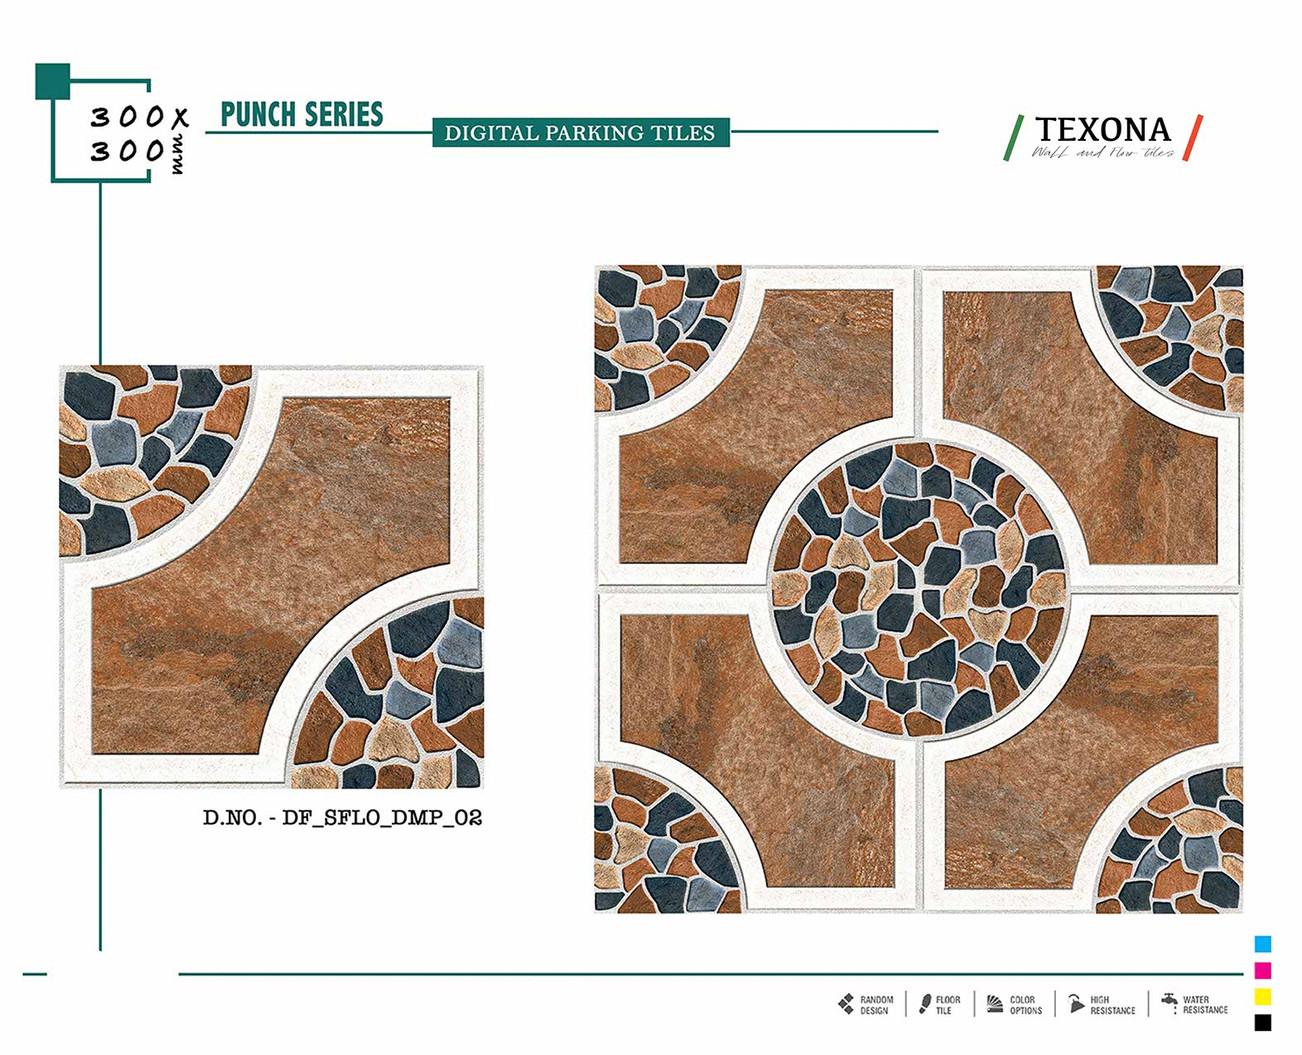 12X12 PARKING VOL.3_Page_13_Image_0001.j